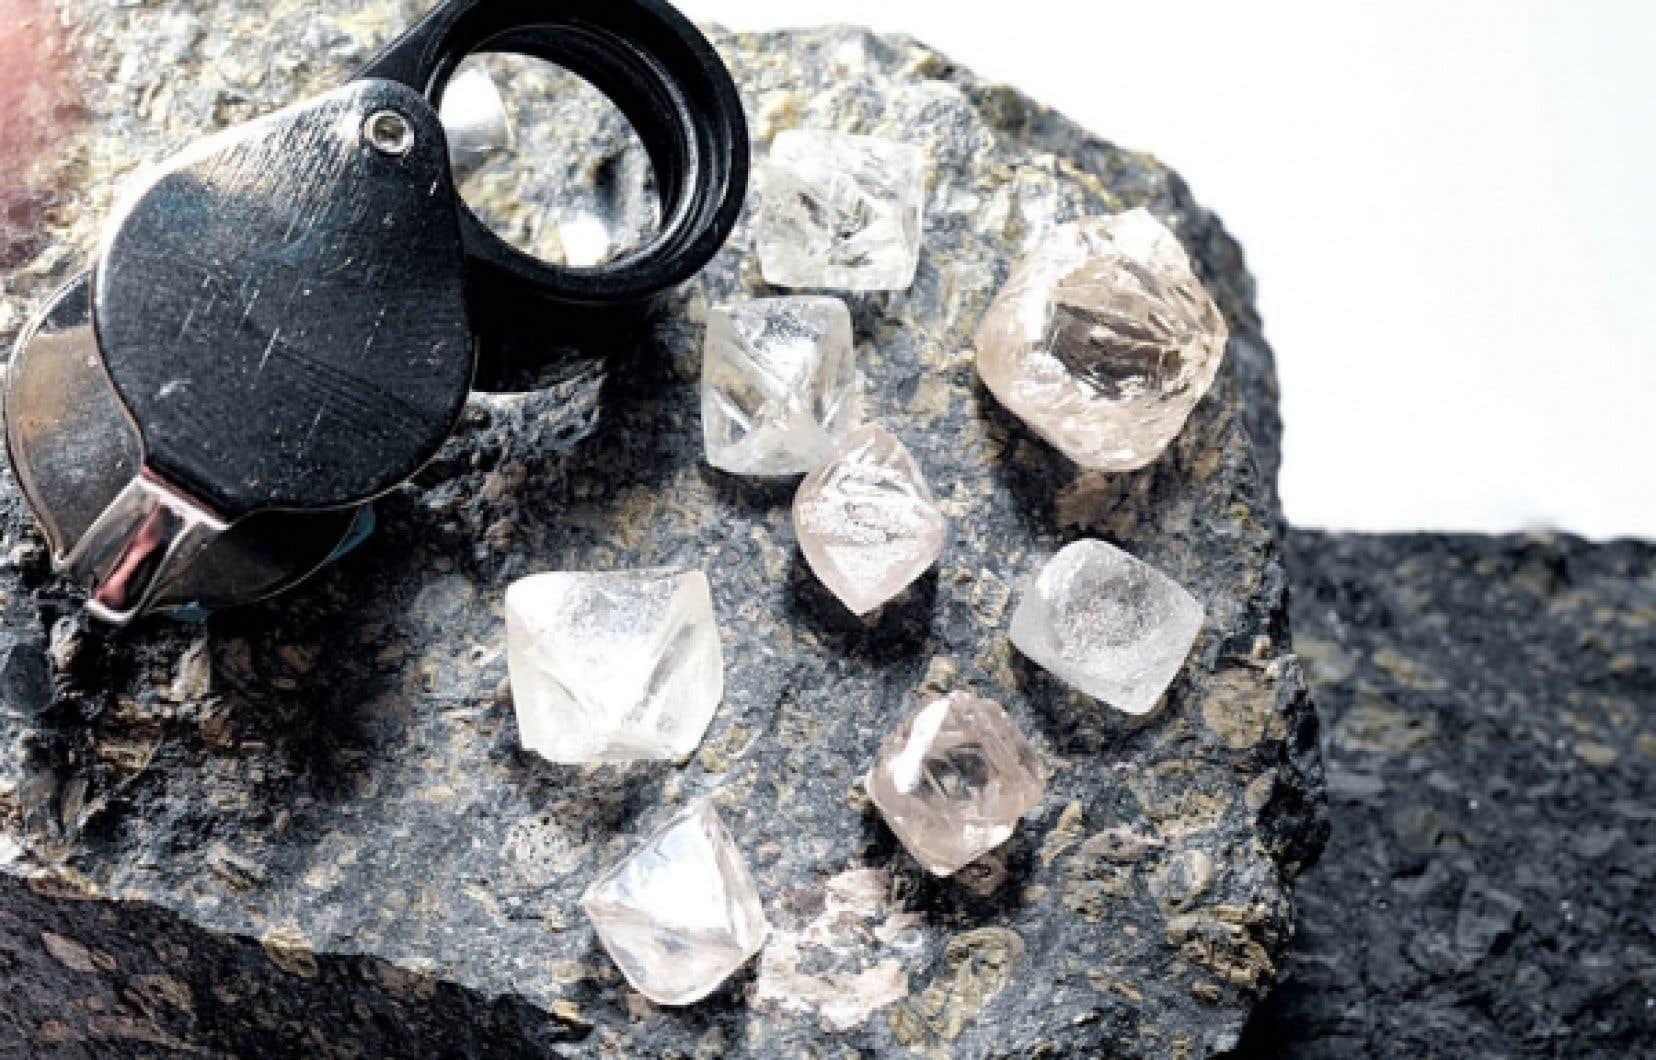 Les actionnaires de Stornoway Diamond Corporation, par exemple, ont de quoi se réjouir de l'annonce du prolongement de la route 167, qui ouvre la voie à l'exploitation de la première mine de diamants au Québec.